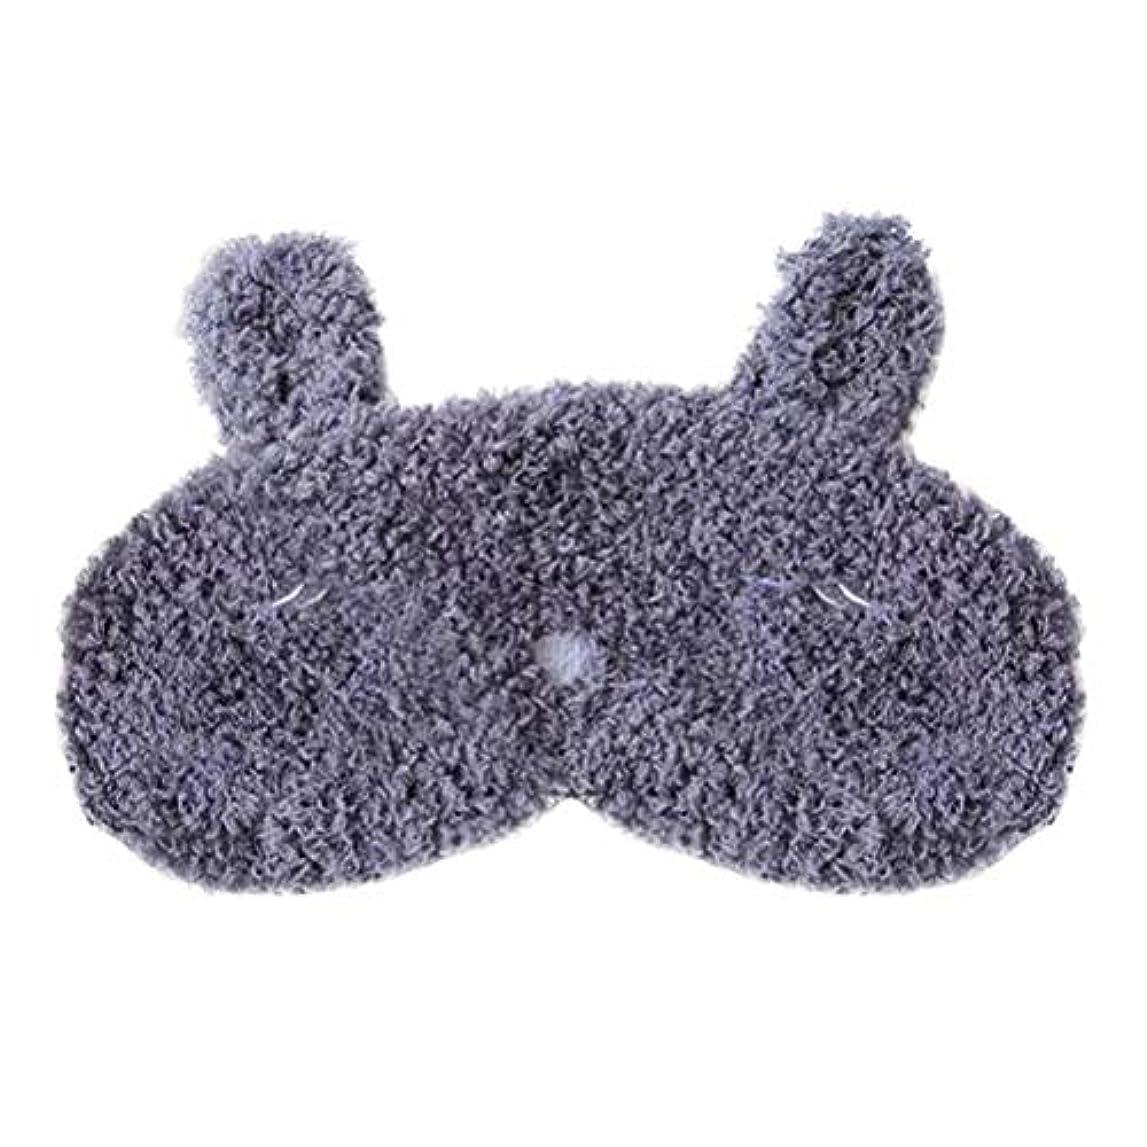 担当者顎ガイドHEALIFTY かわいいアイマスクアイシェッドカーネーションアイマスクウサギのキャットアイパッチ(睡眠ニップ(ネイビー)